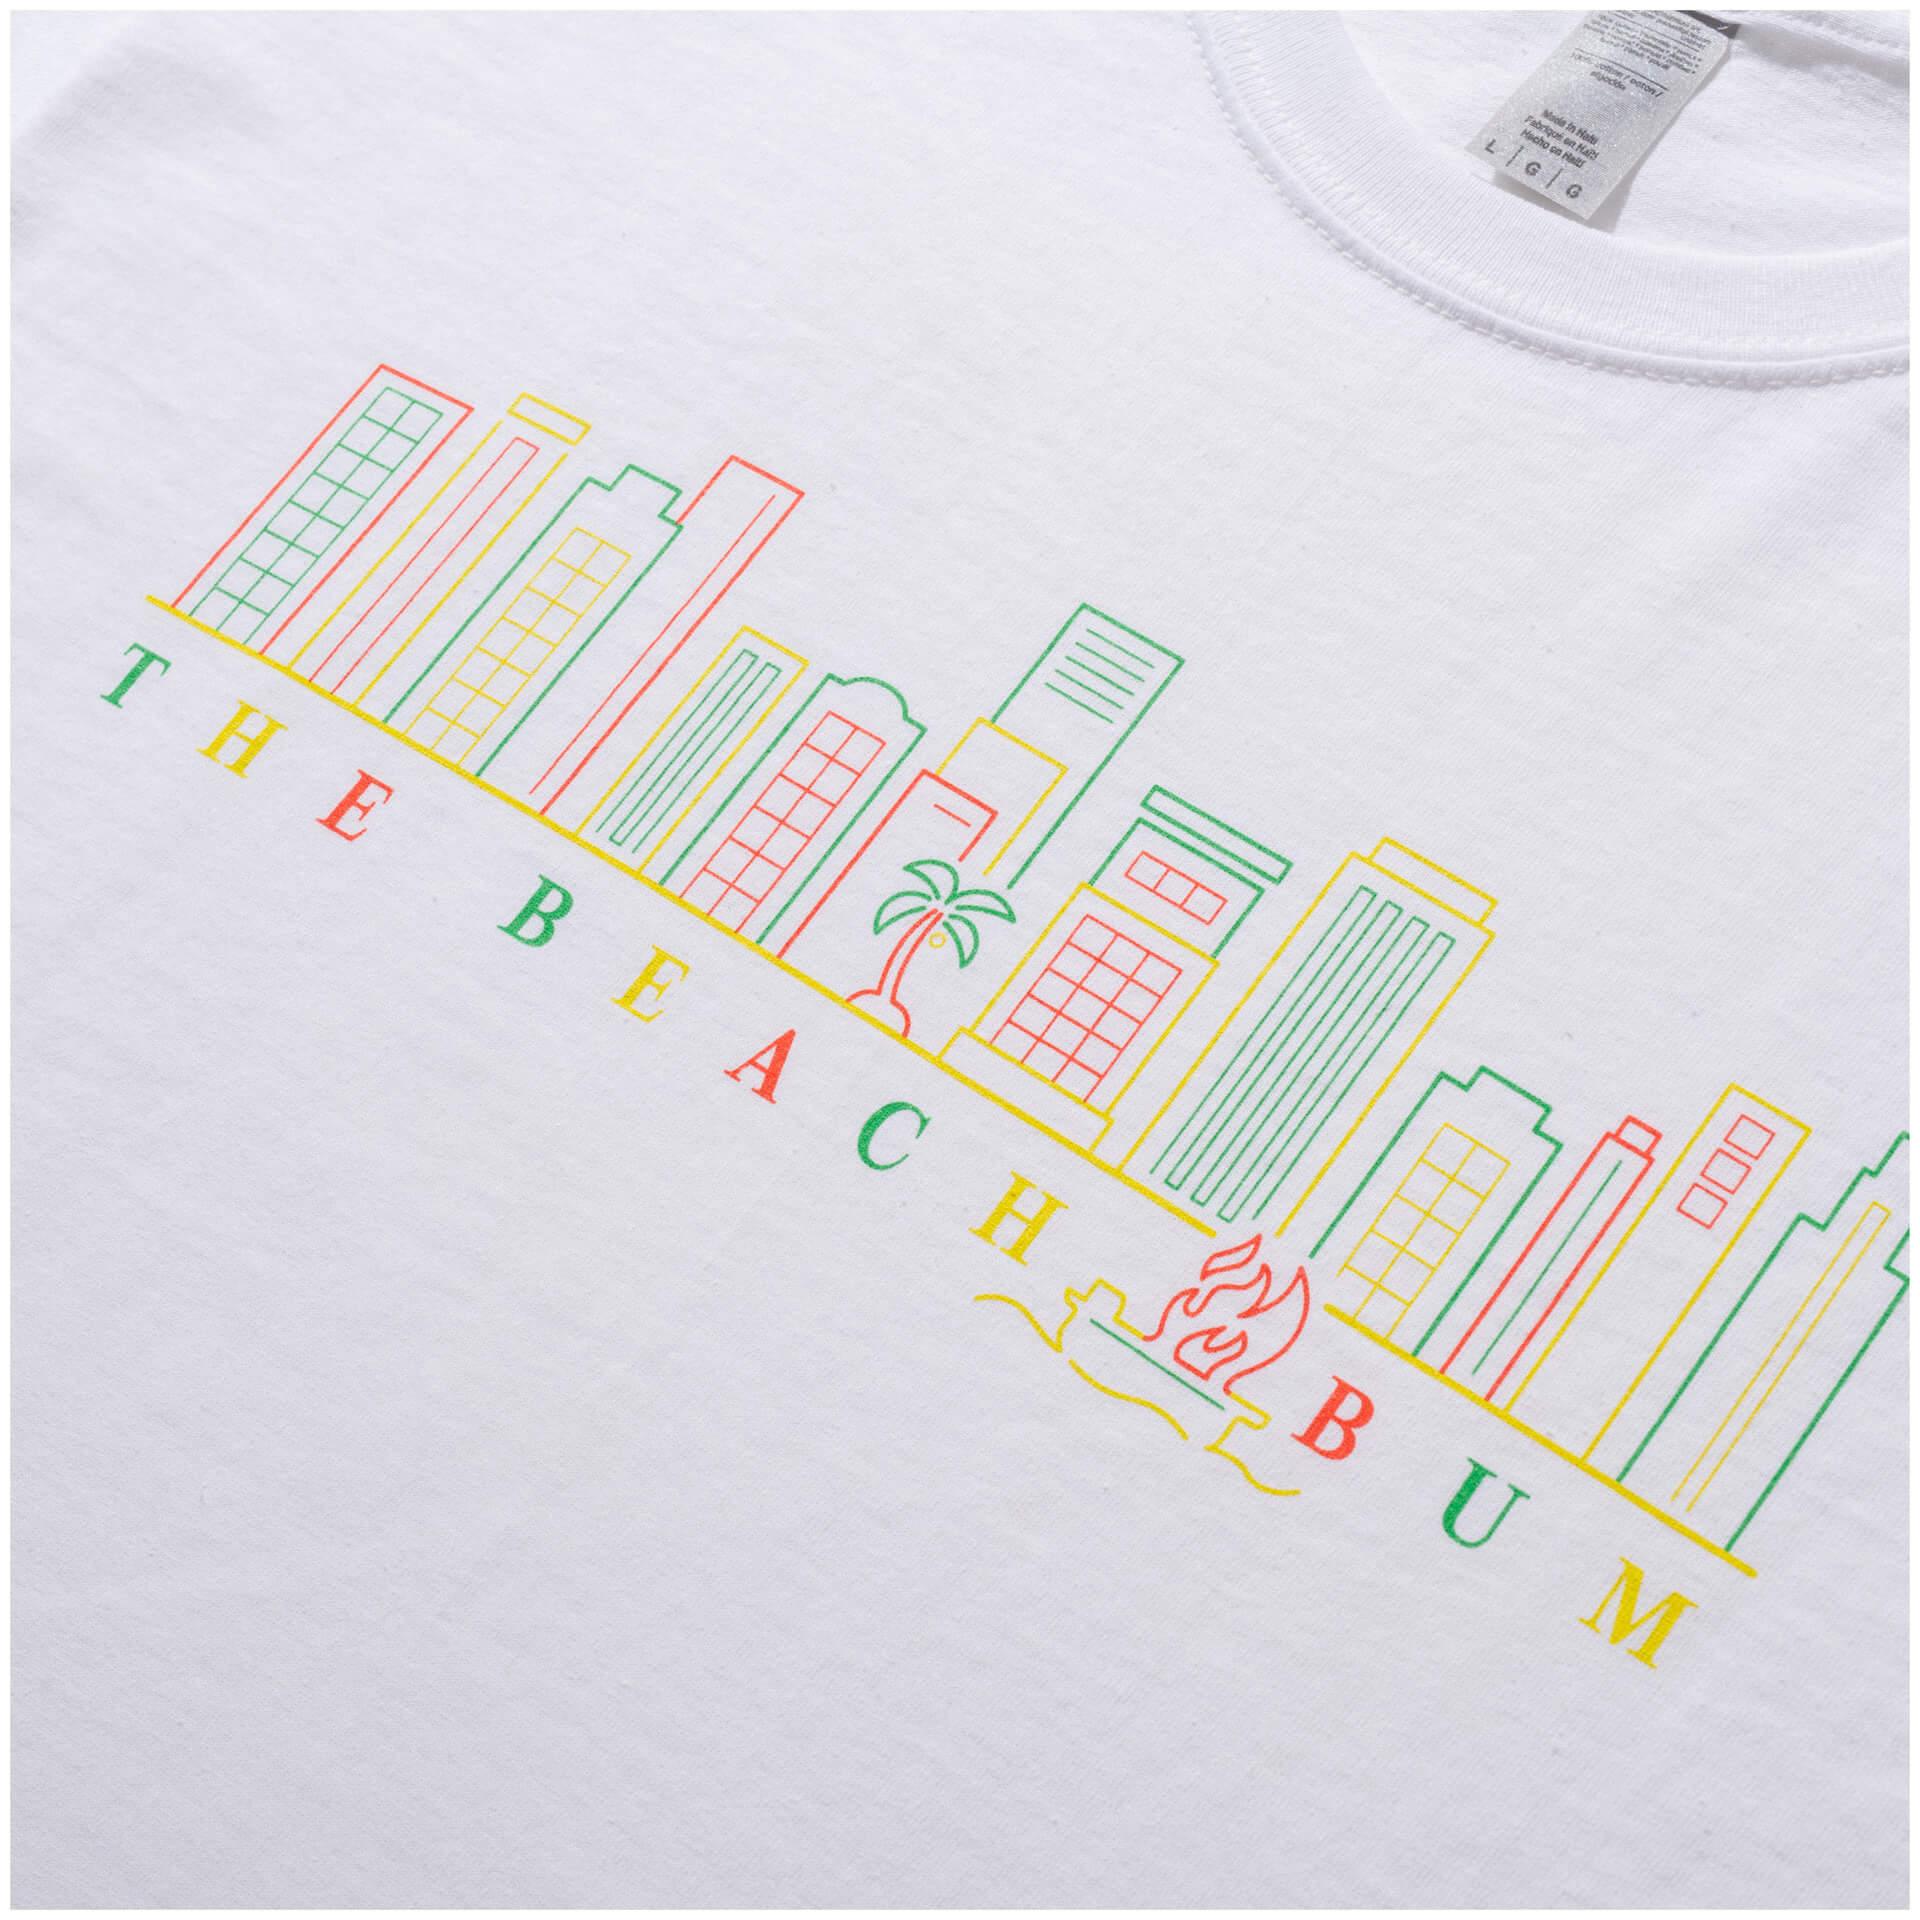 カルチャー紙POPEYEも熱狂!映画『ビーチ・バム まじめに不真面目』オリジナルTシャツが制作&発売決定 film210416_beachbum_tshirt_2